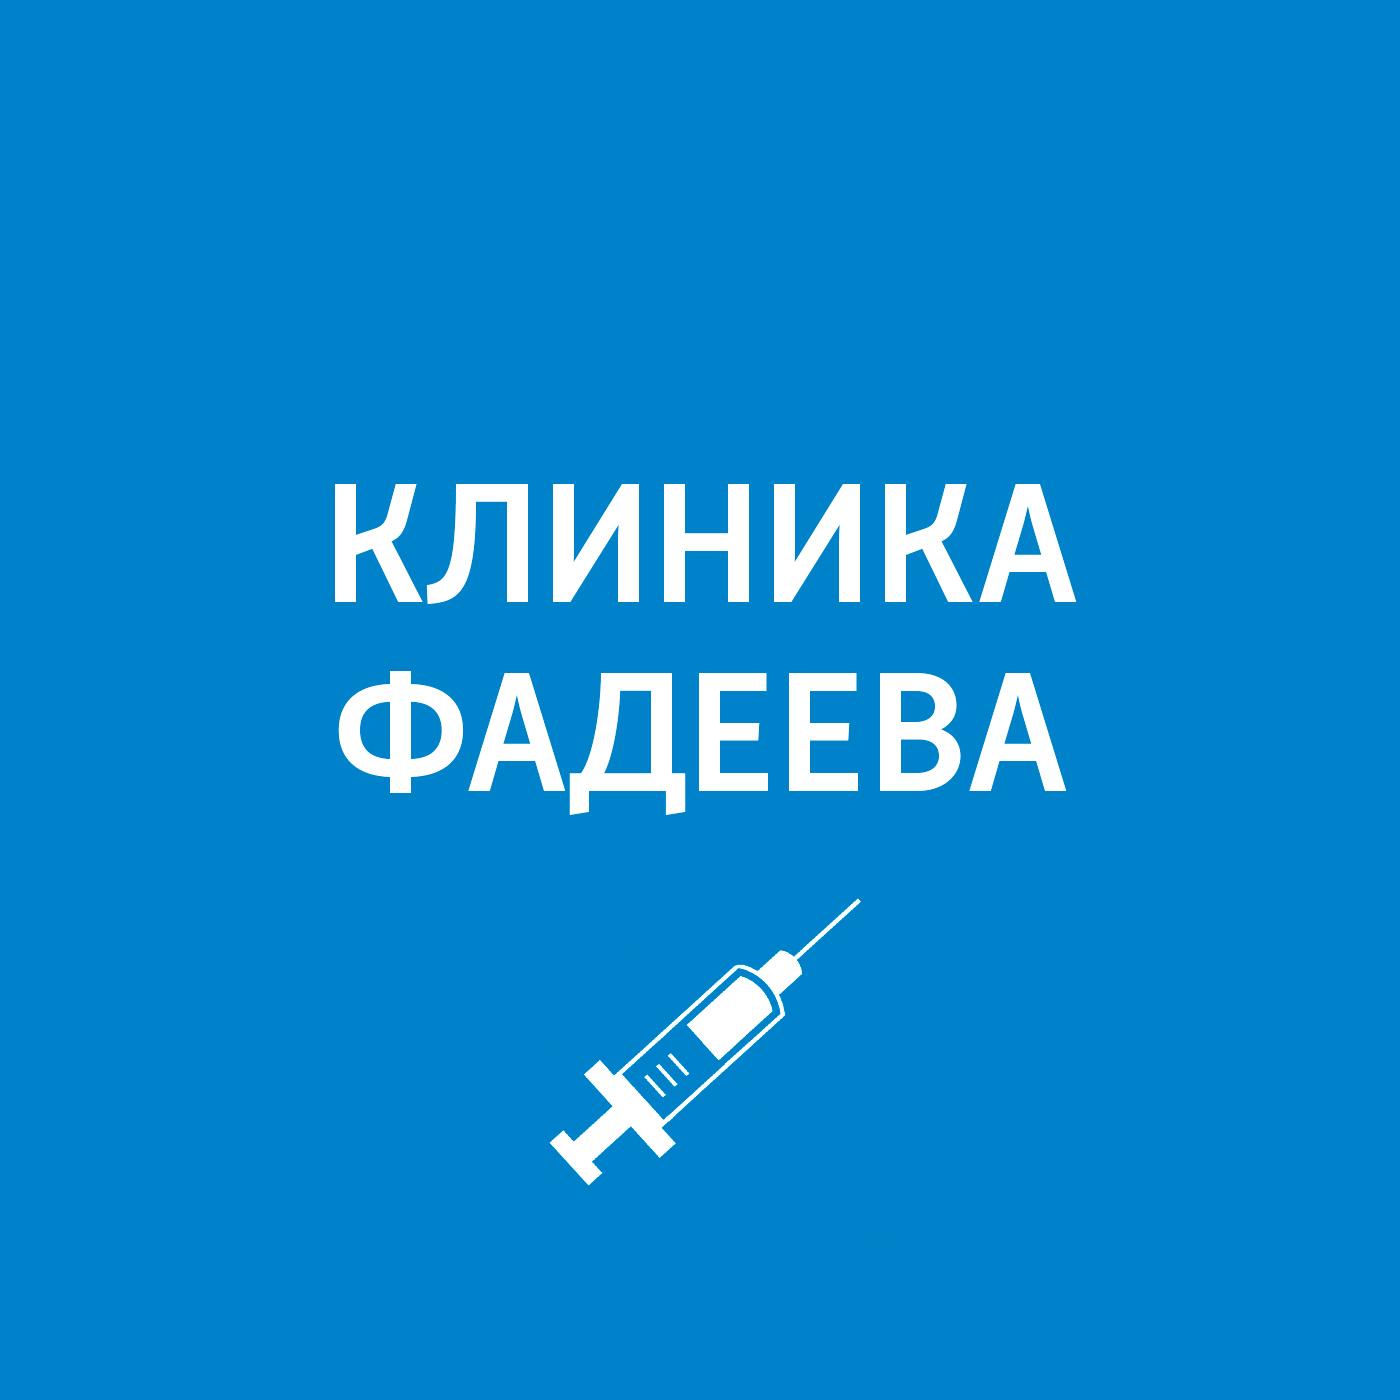 Пётр Фадеев Советы врача-нарколога пётр фадеев ветеринар герпетолог